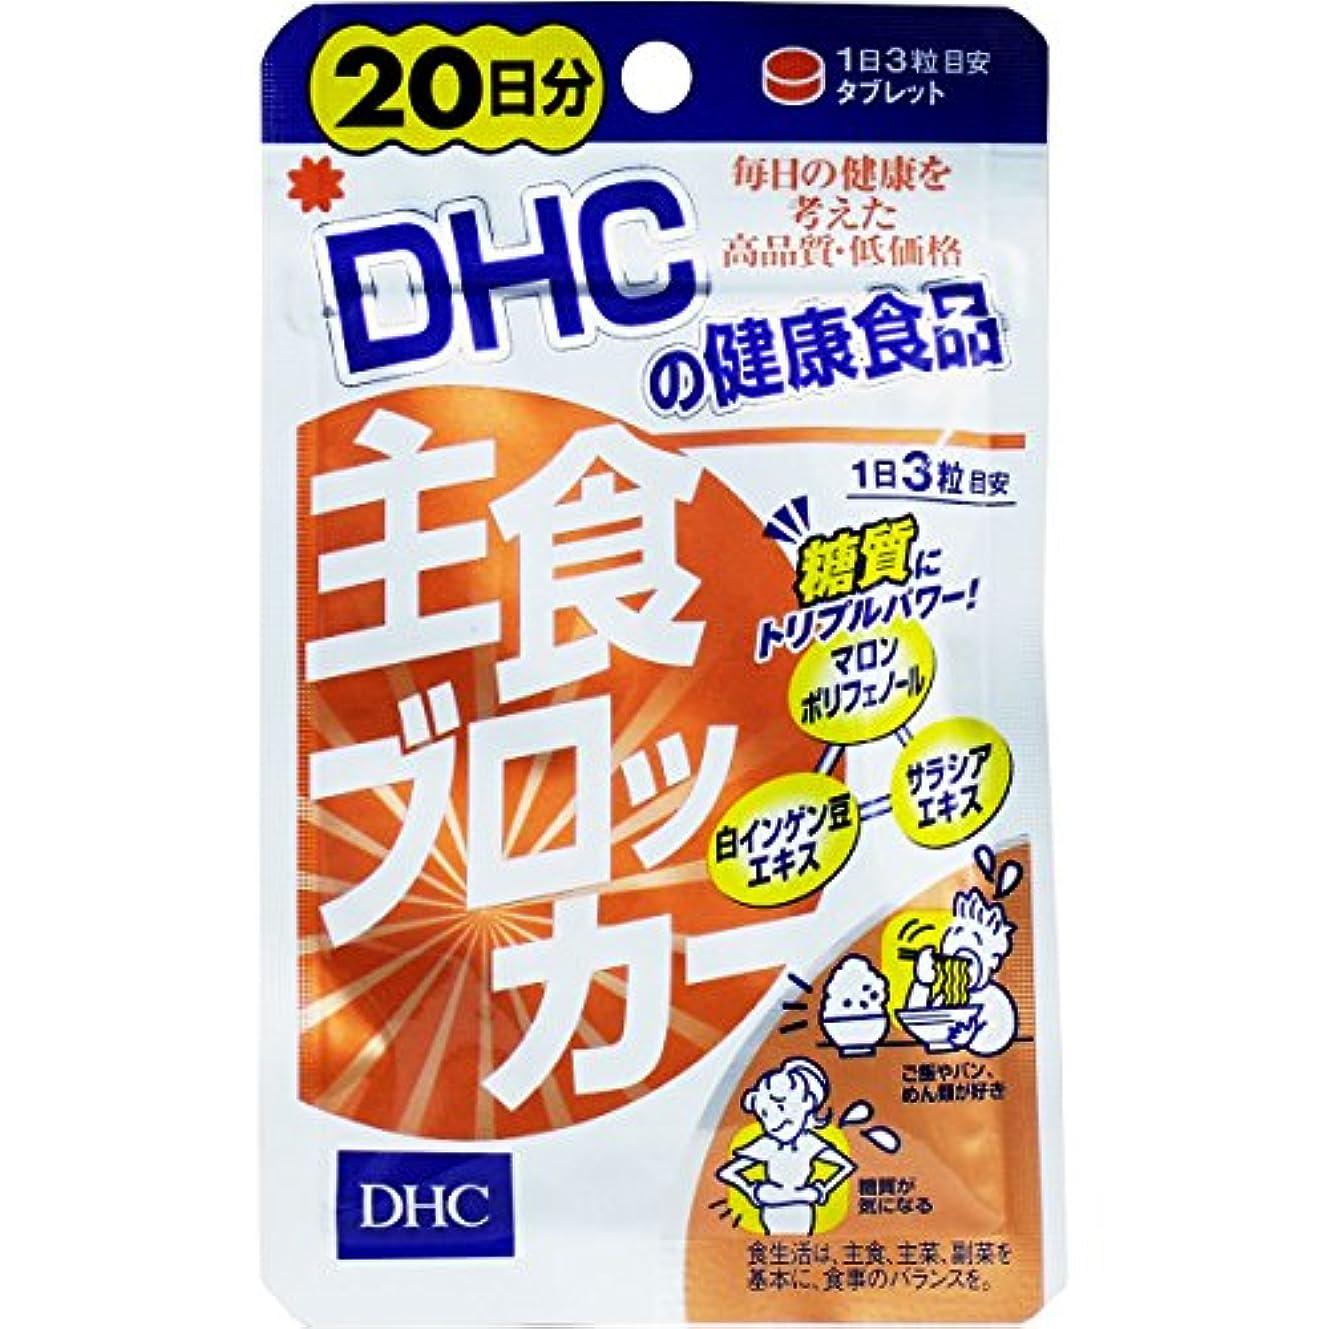 レビュアーグローブ通行料金DHC 主食ブロッカー 20日分 60粒(12g) ×4個セット